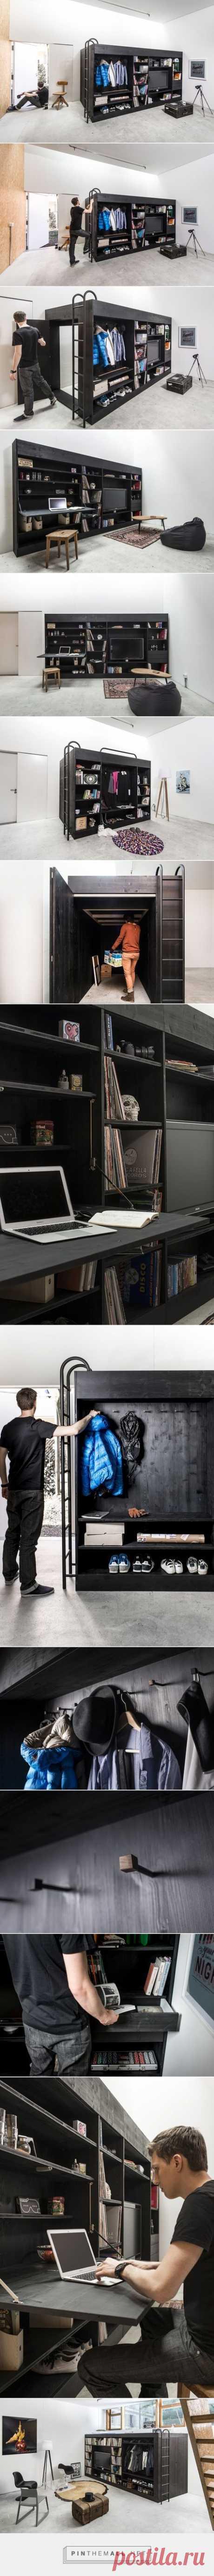 (276) ELEMENTS Modular Furniture by Till Könneker » Yanko Design - created via https://pinthemall.net | when im a billionaire